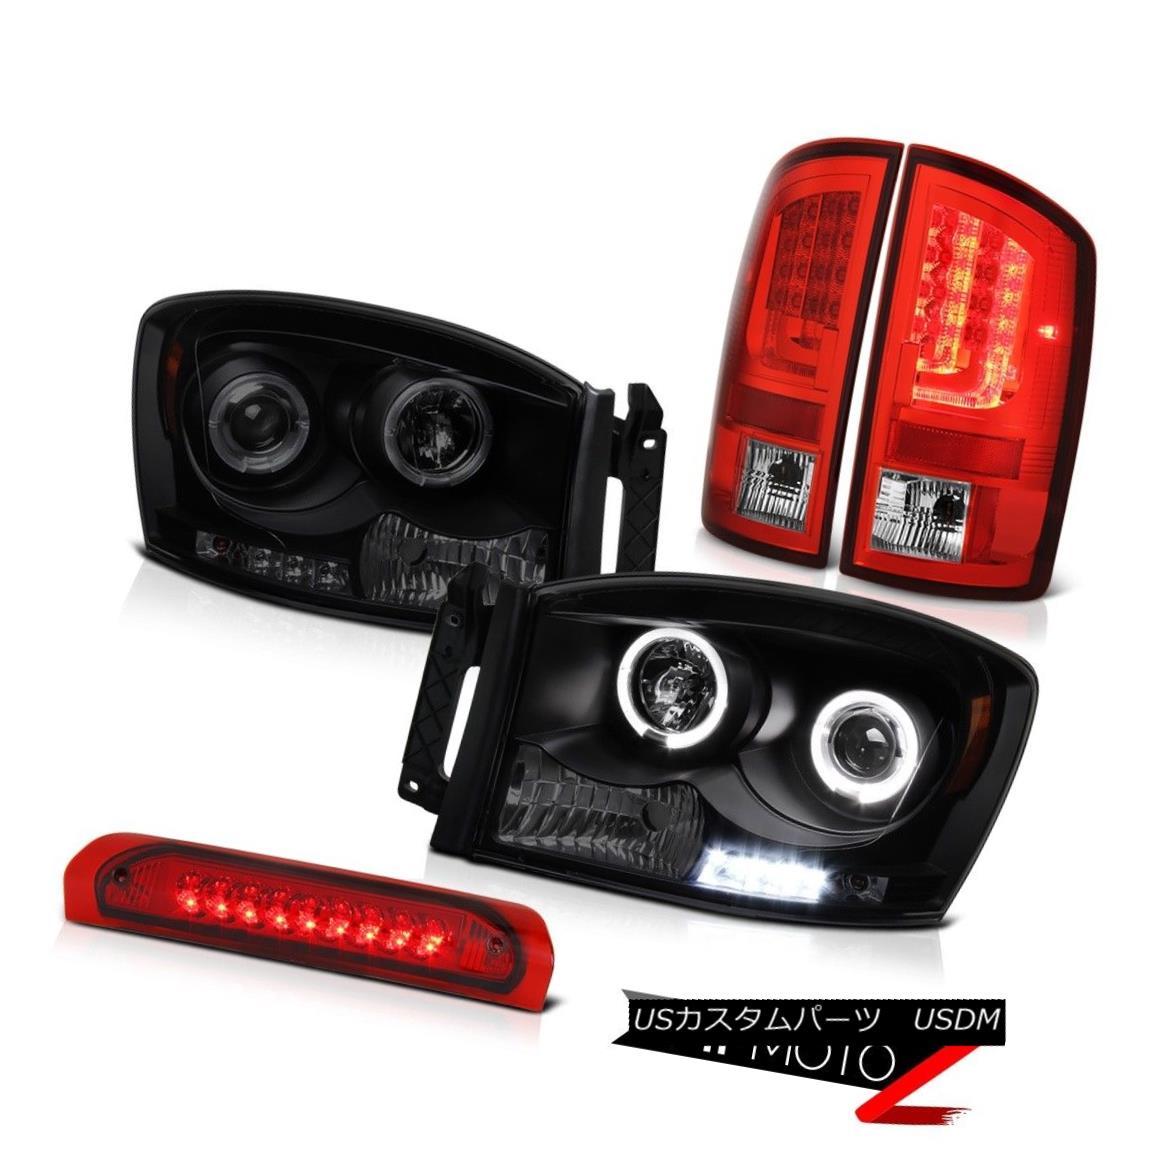 テールライト 2006 Ram 5.9L Wine Red Tail Brake Lamps Headlamps Roof Cargo Lamp LED Halo Rim 2006ラム5.9Lワインレッドテールブレーキランプヘッドランプ屋根カーゴランプLEDハローリム